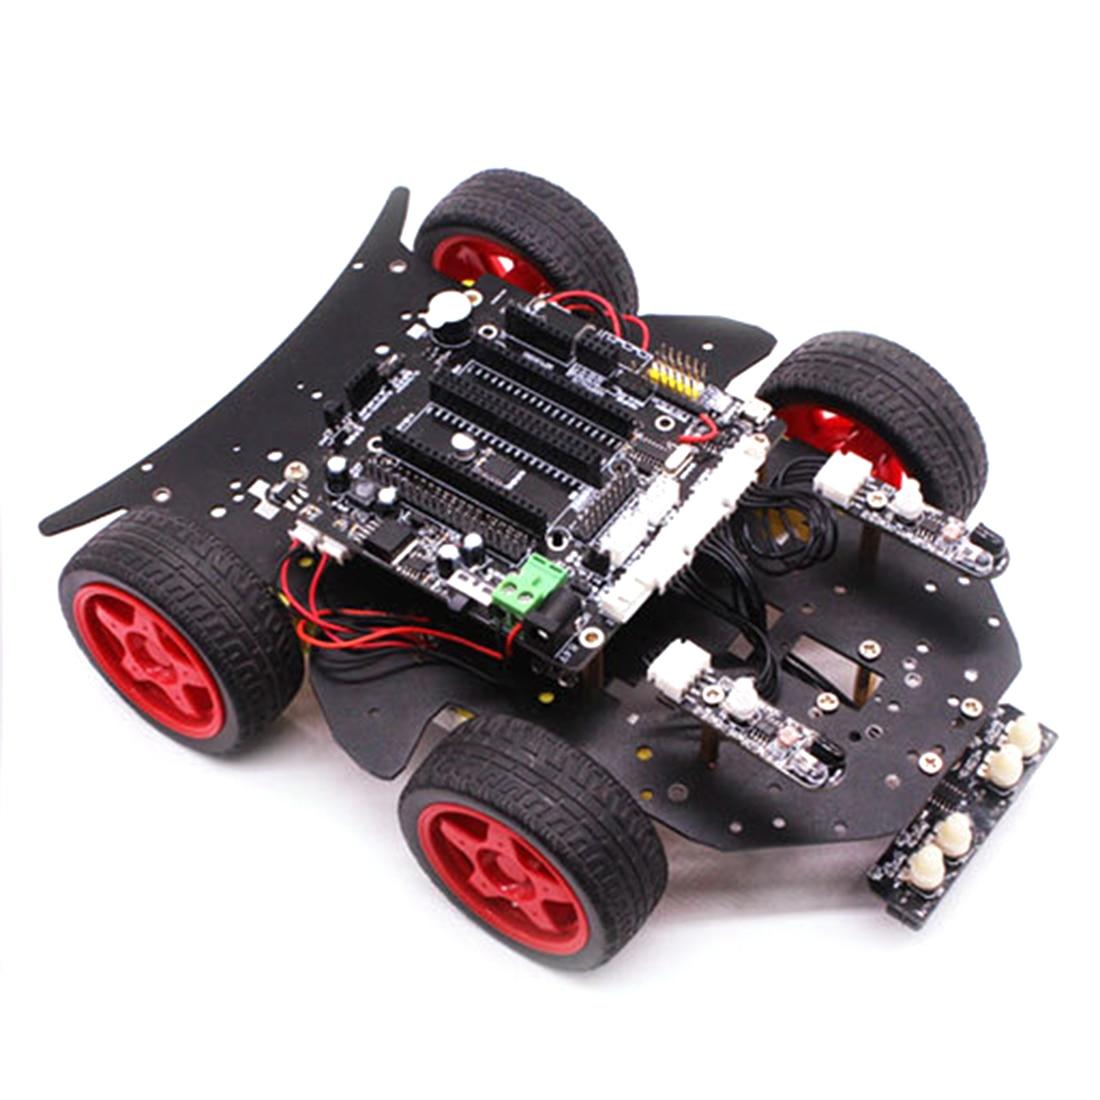 Roboter Auto 4WD Programmierung Stamm Bildung Robot Kit Spielzeug mit Tutorial & Open Source Code für Arduino (Einschließlich UNO r3 Mainboard) - 6